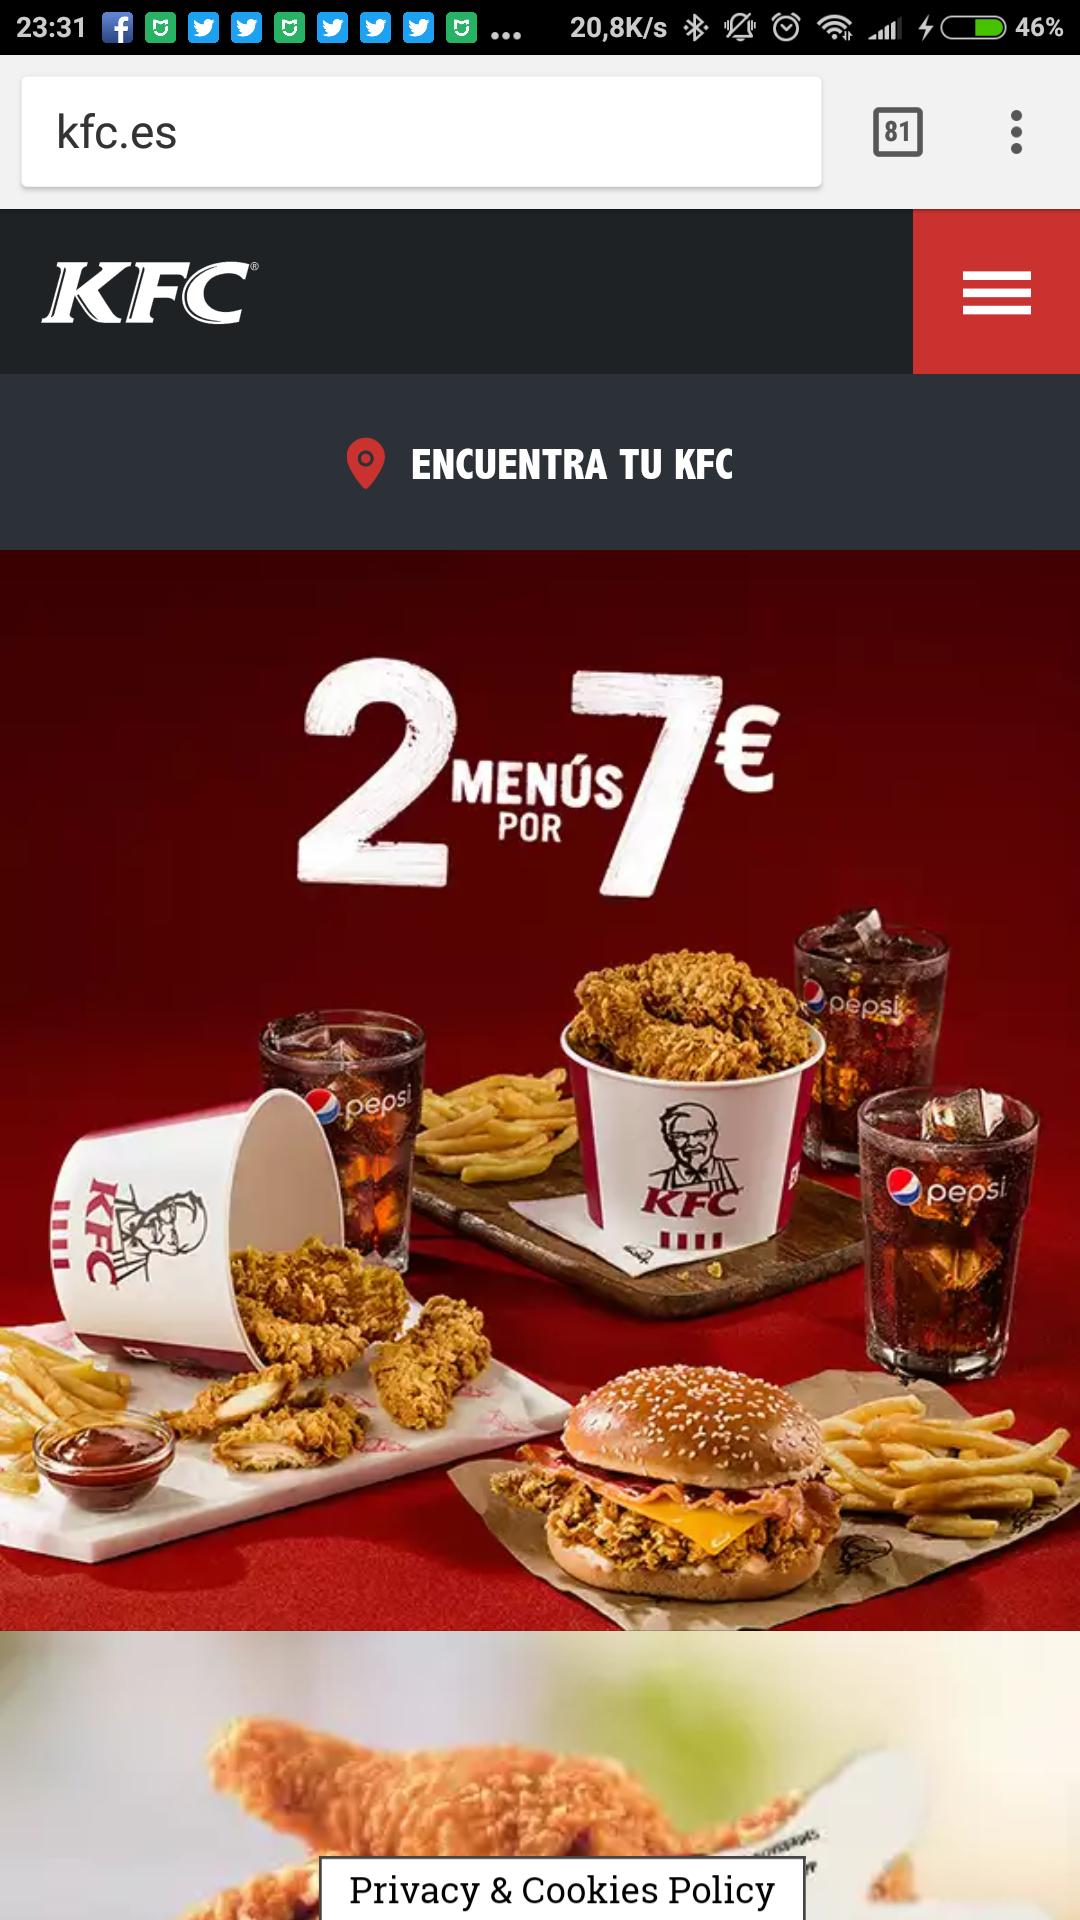 2 menús de pollo a 7 euros